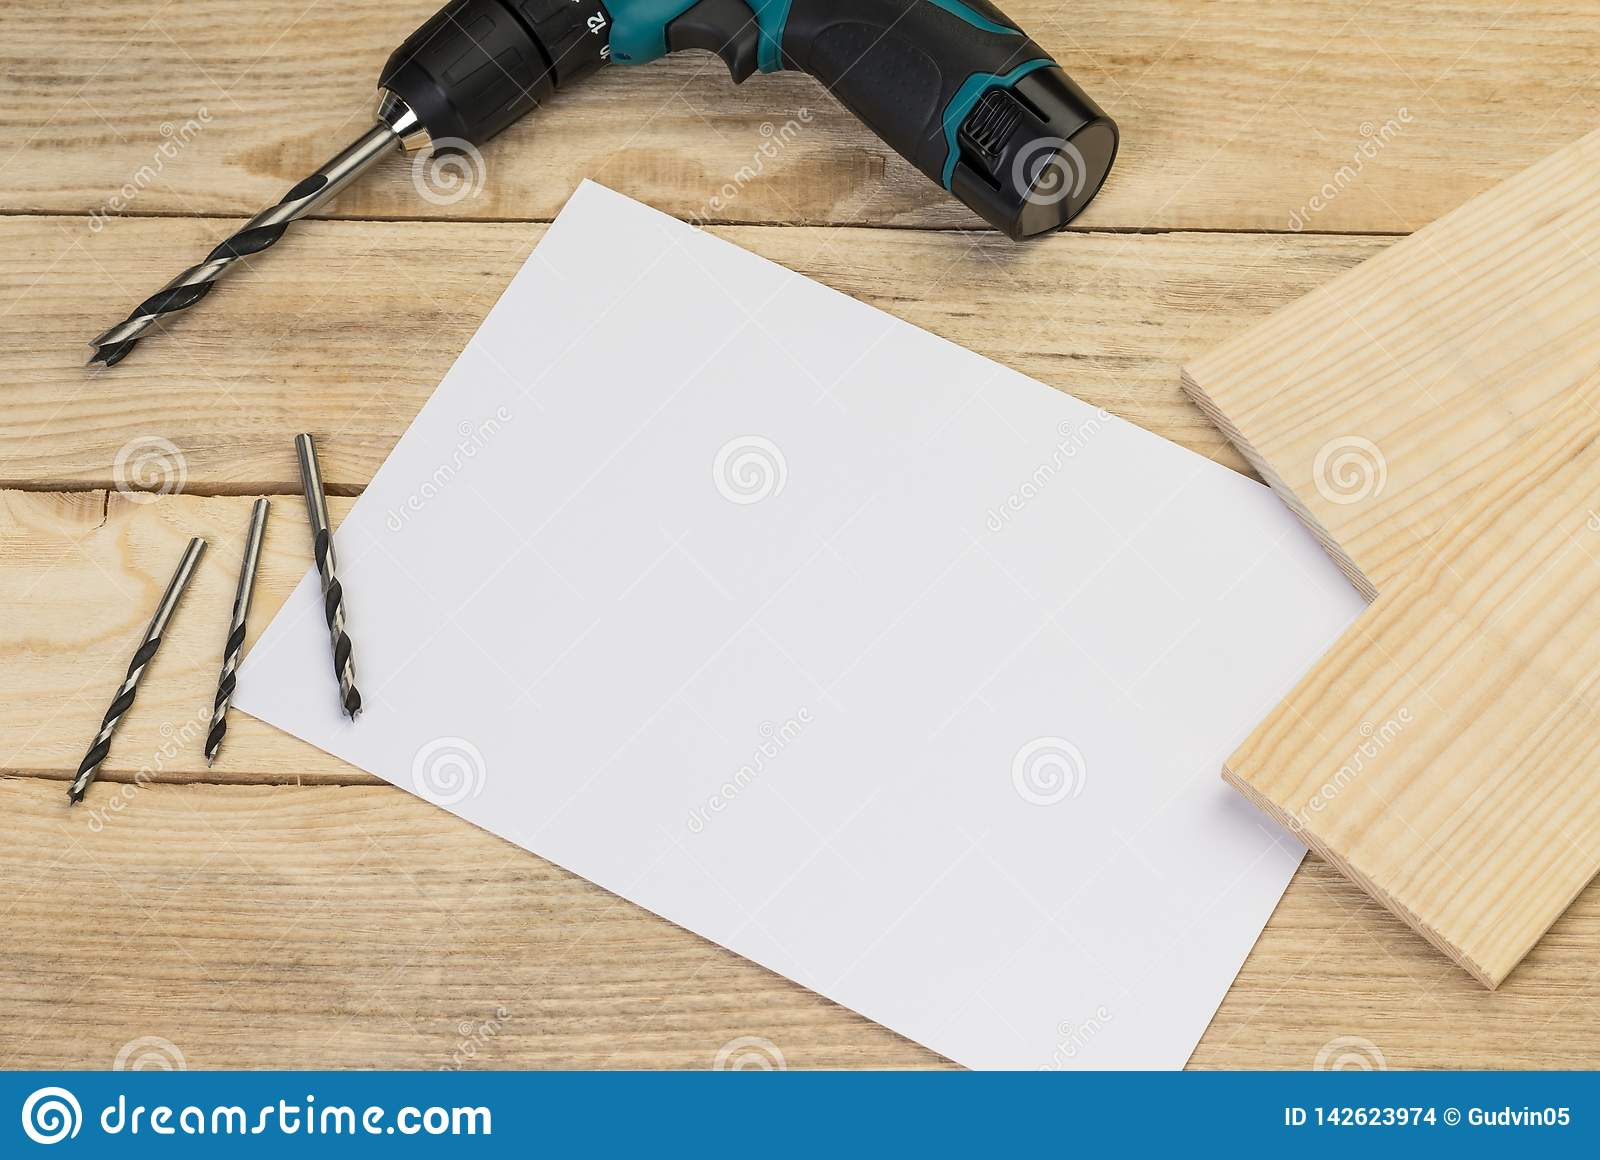 Perceuse électrique et peu sur un fond en bois